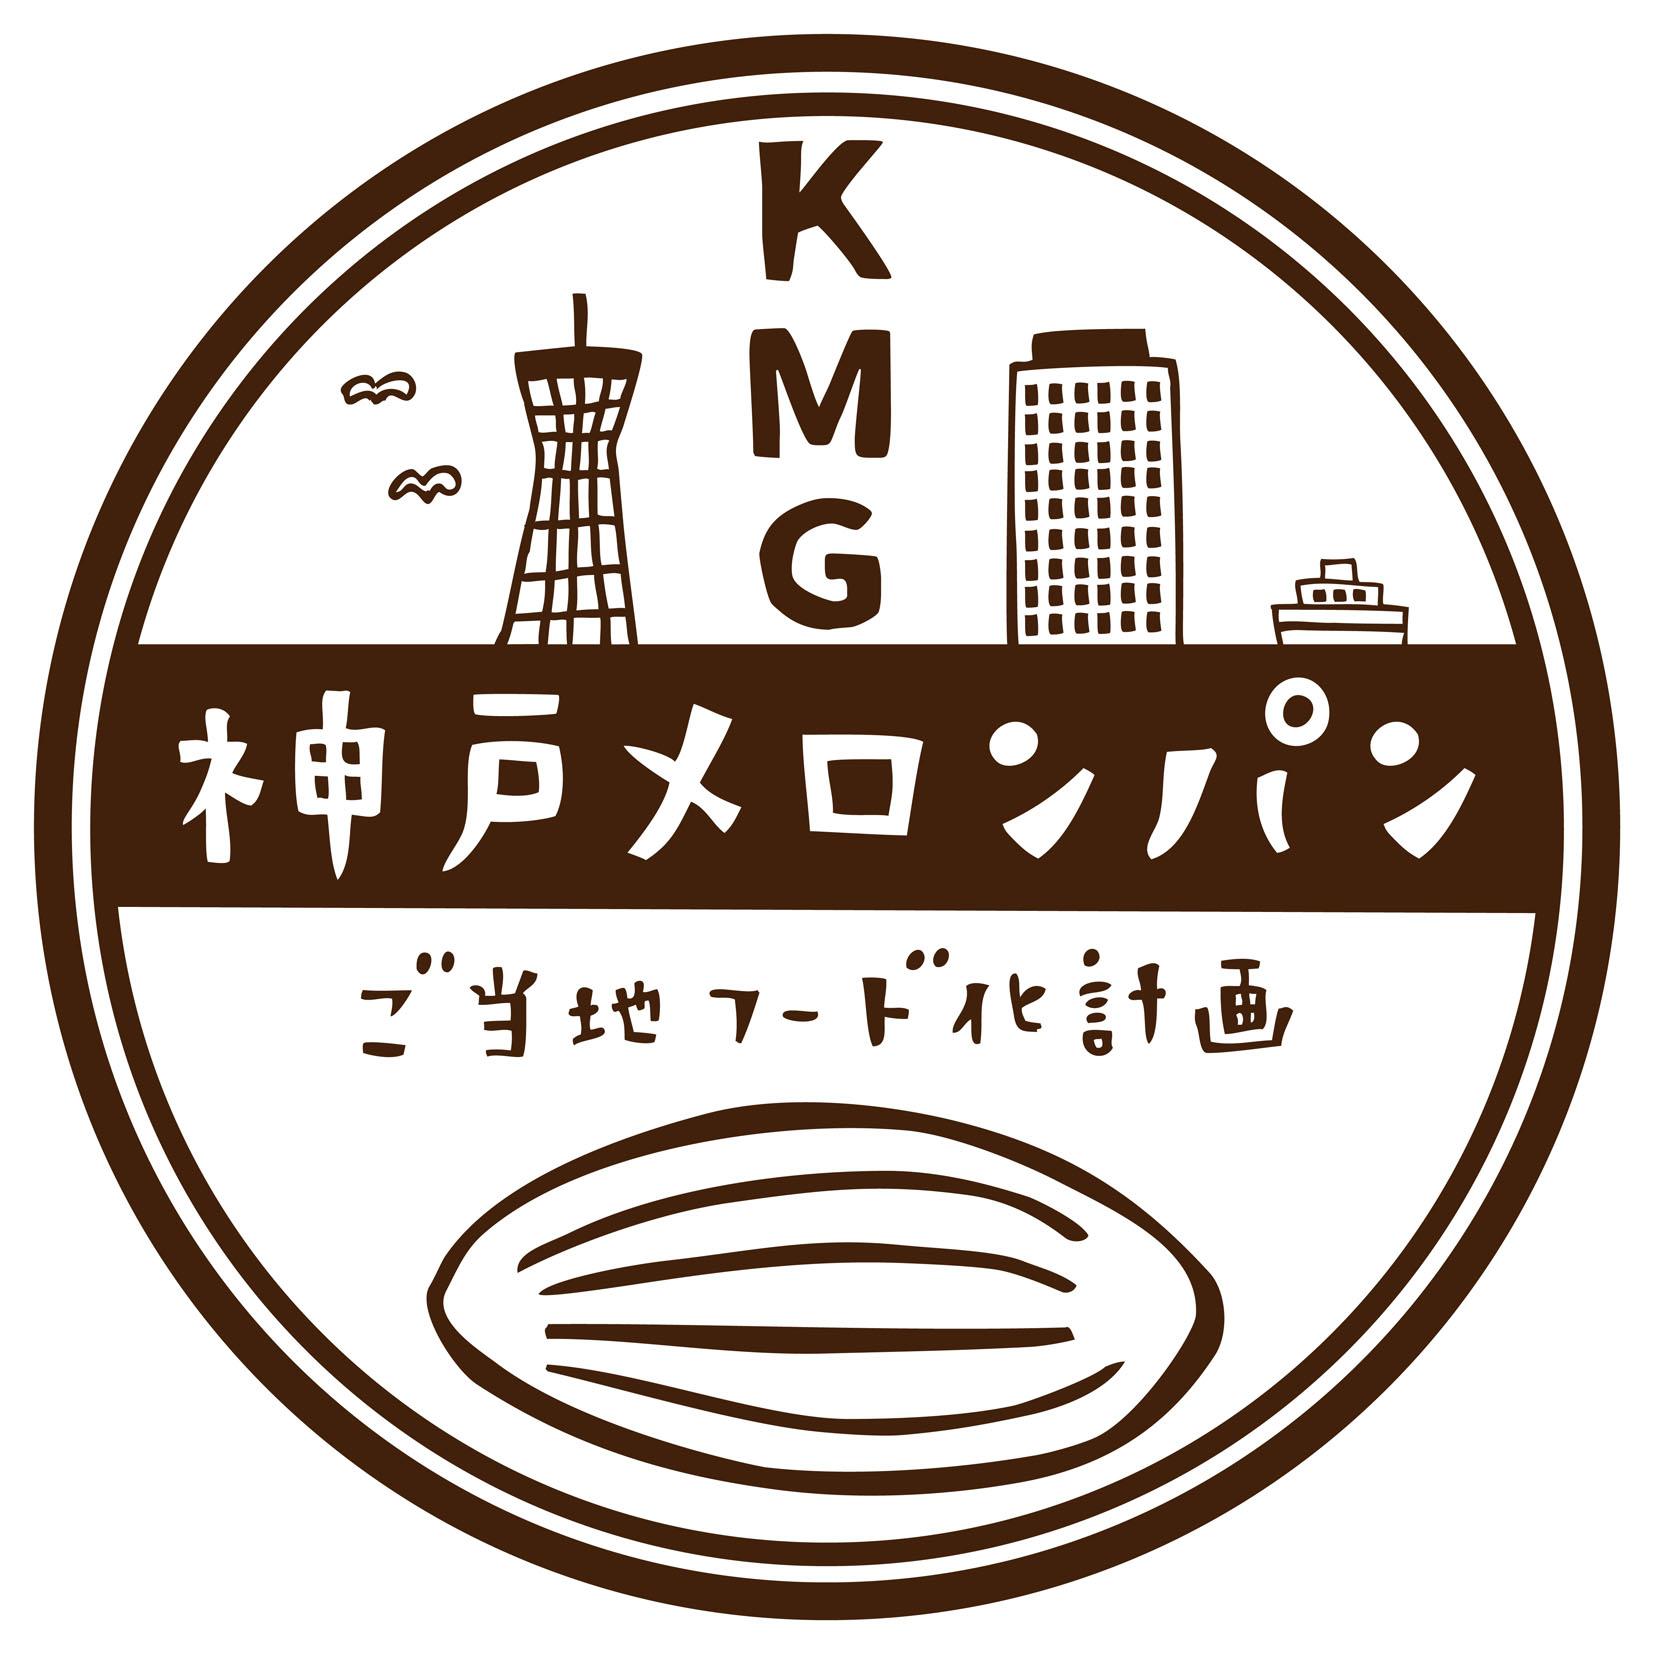 メイン【100】.jpg